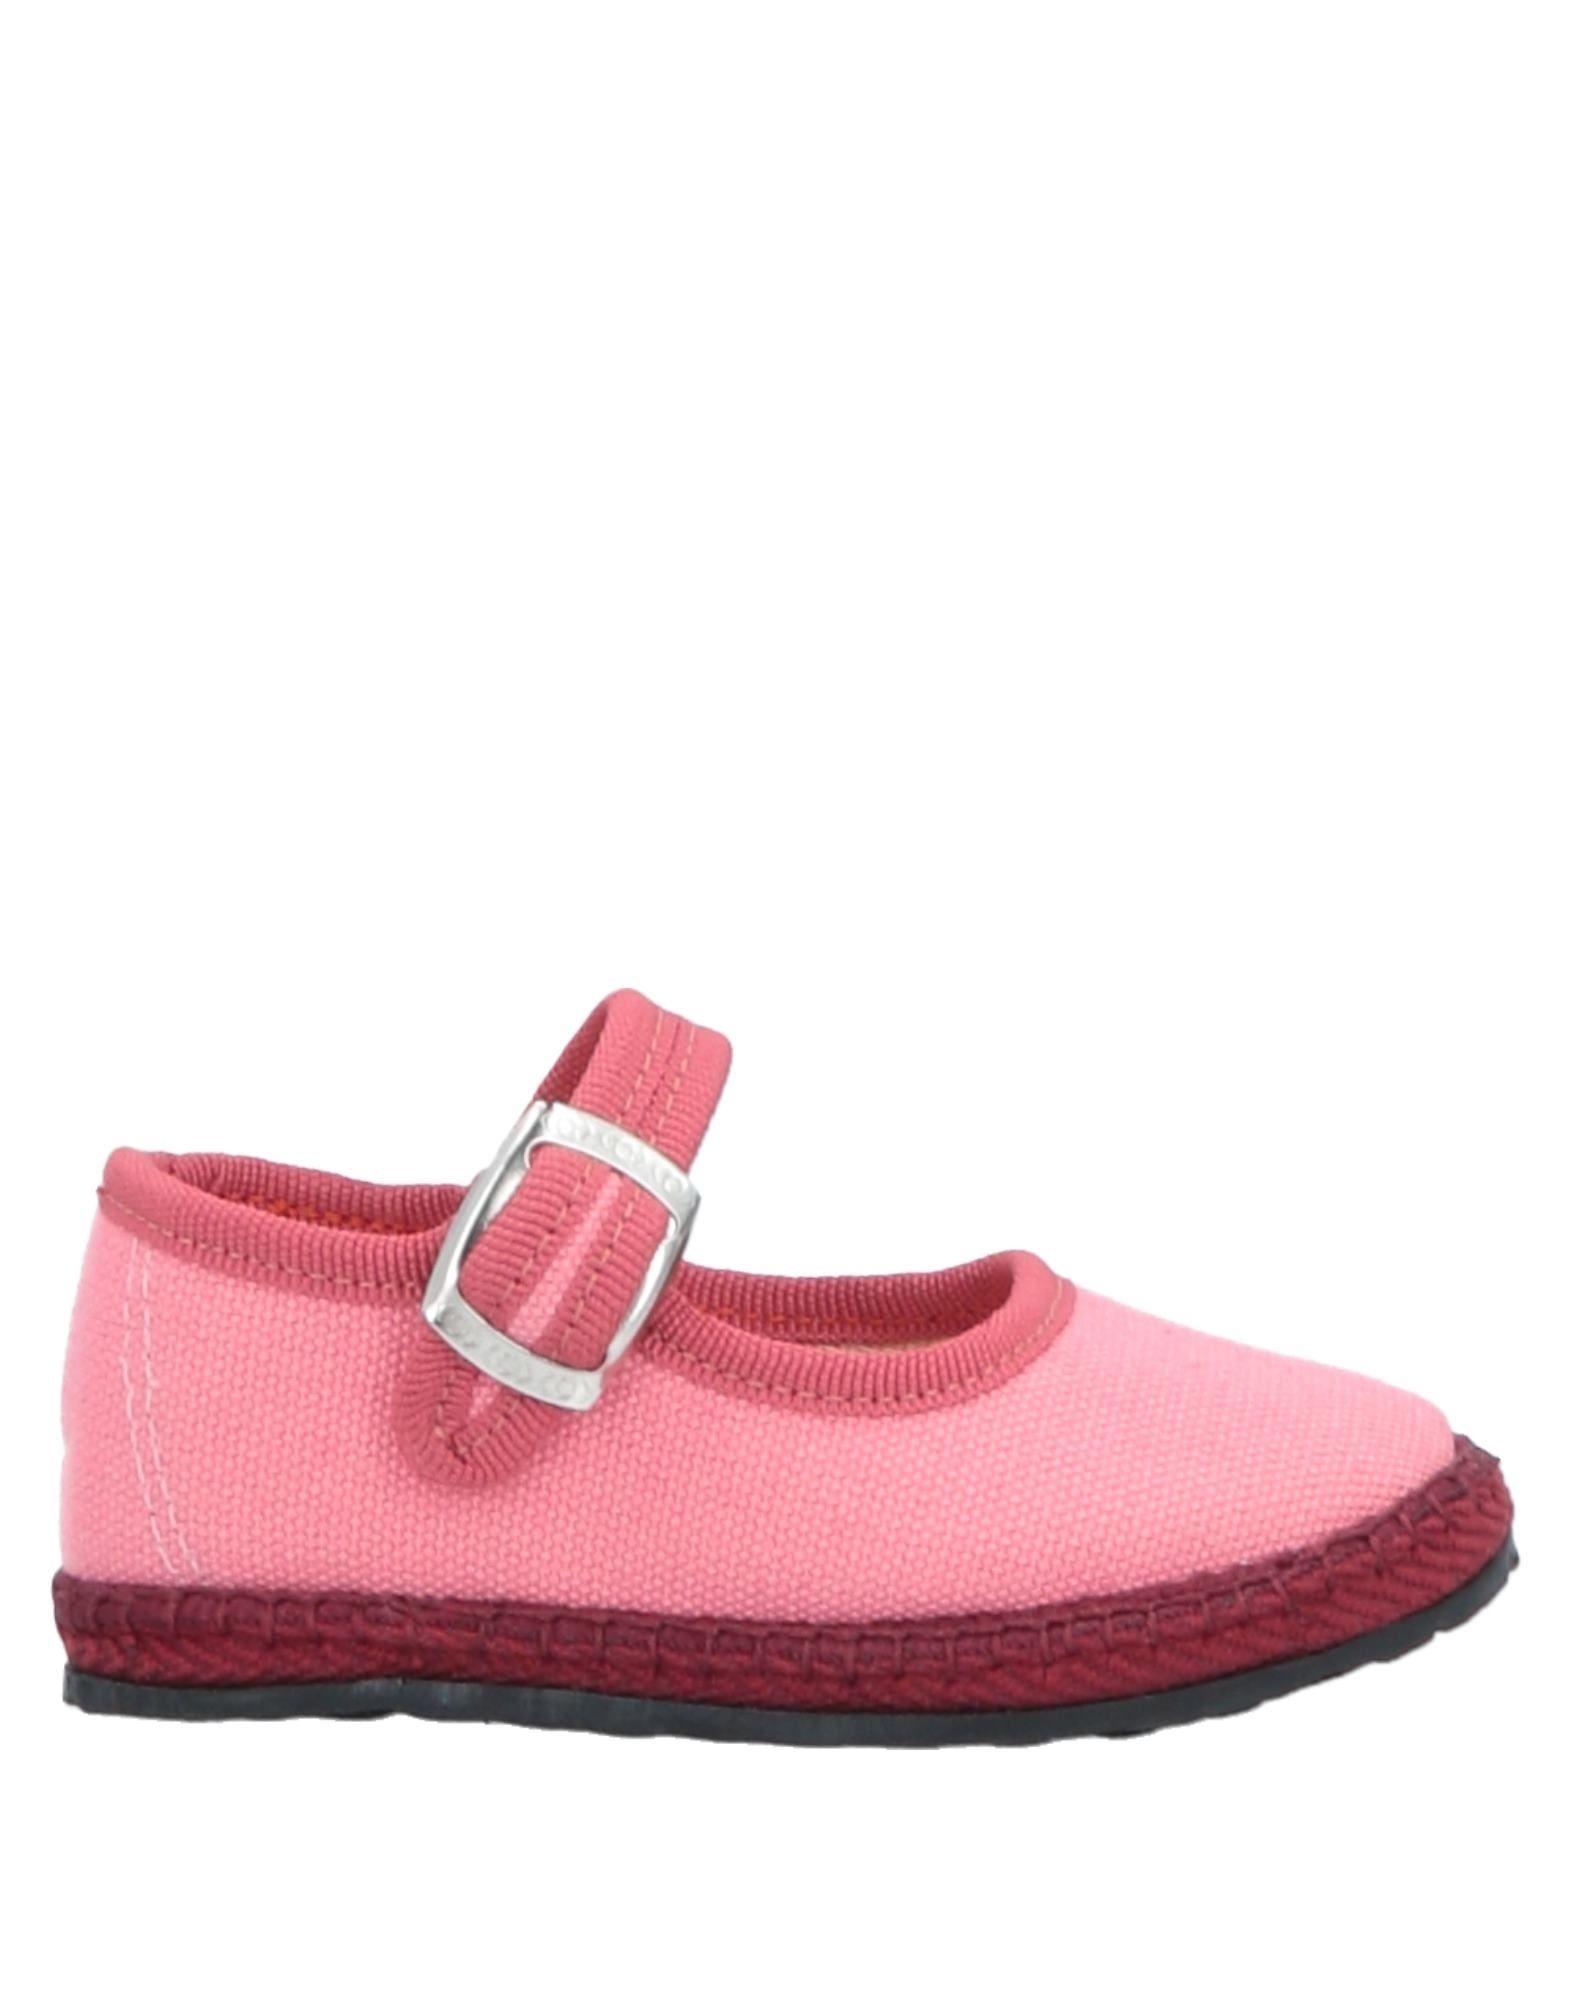 STAFFELL Mädchen 0-24 monate Ballerina45 rosa